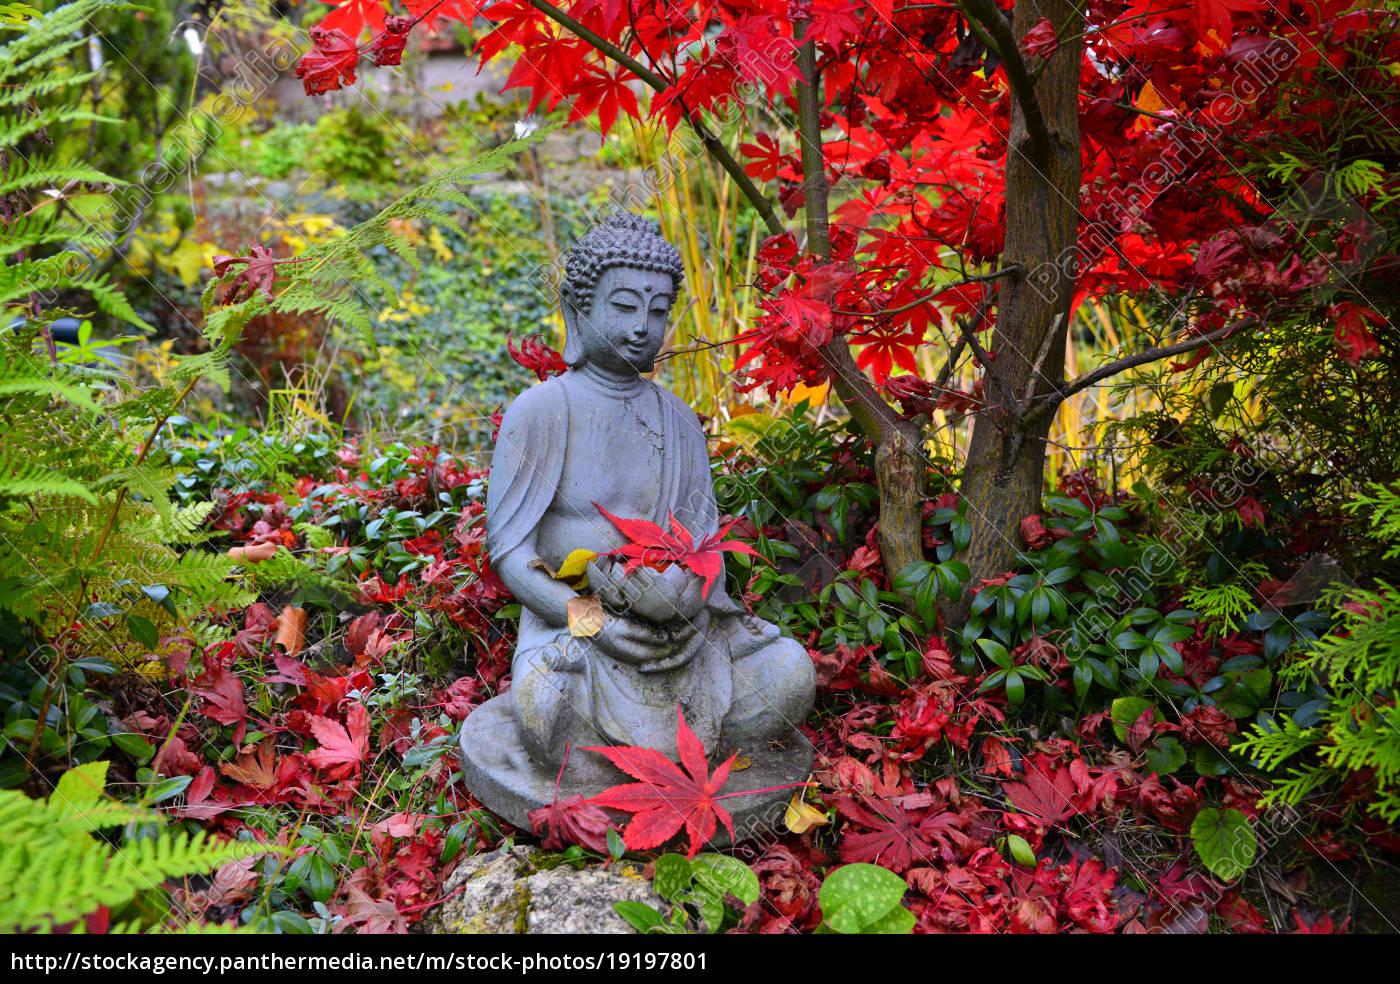 Bunter Herbst Im Garten An Einem Teich Mit Einem Buddha Stockfoto